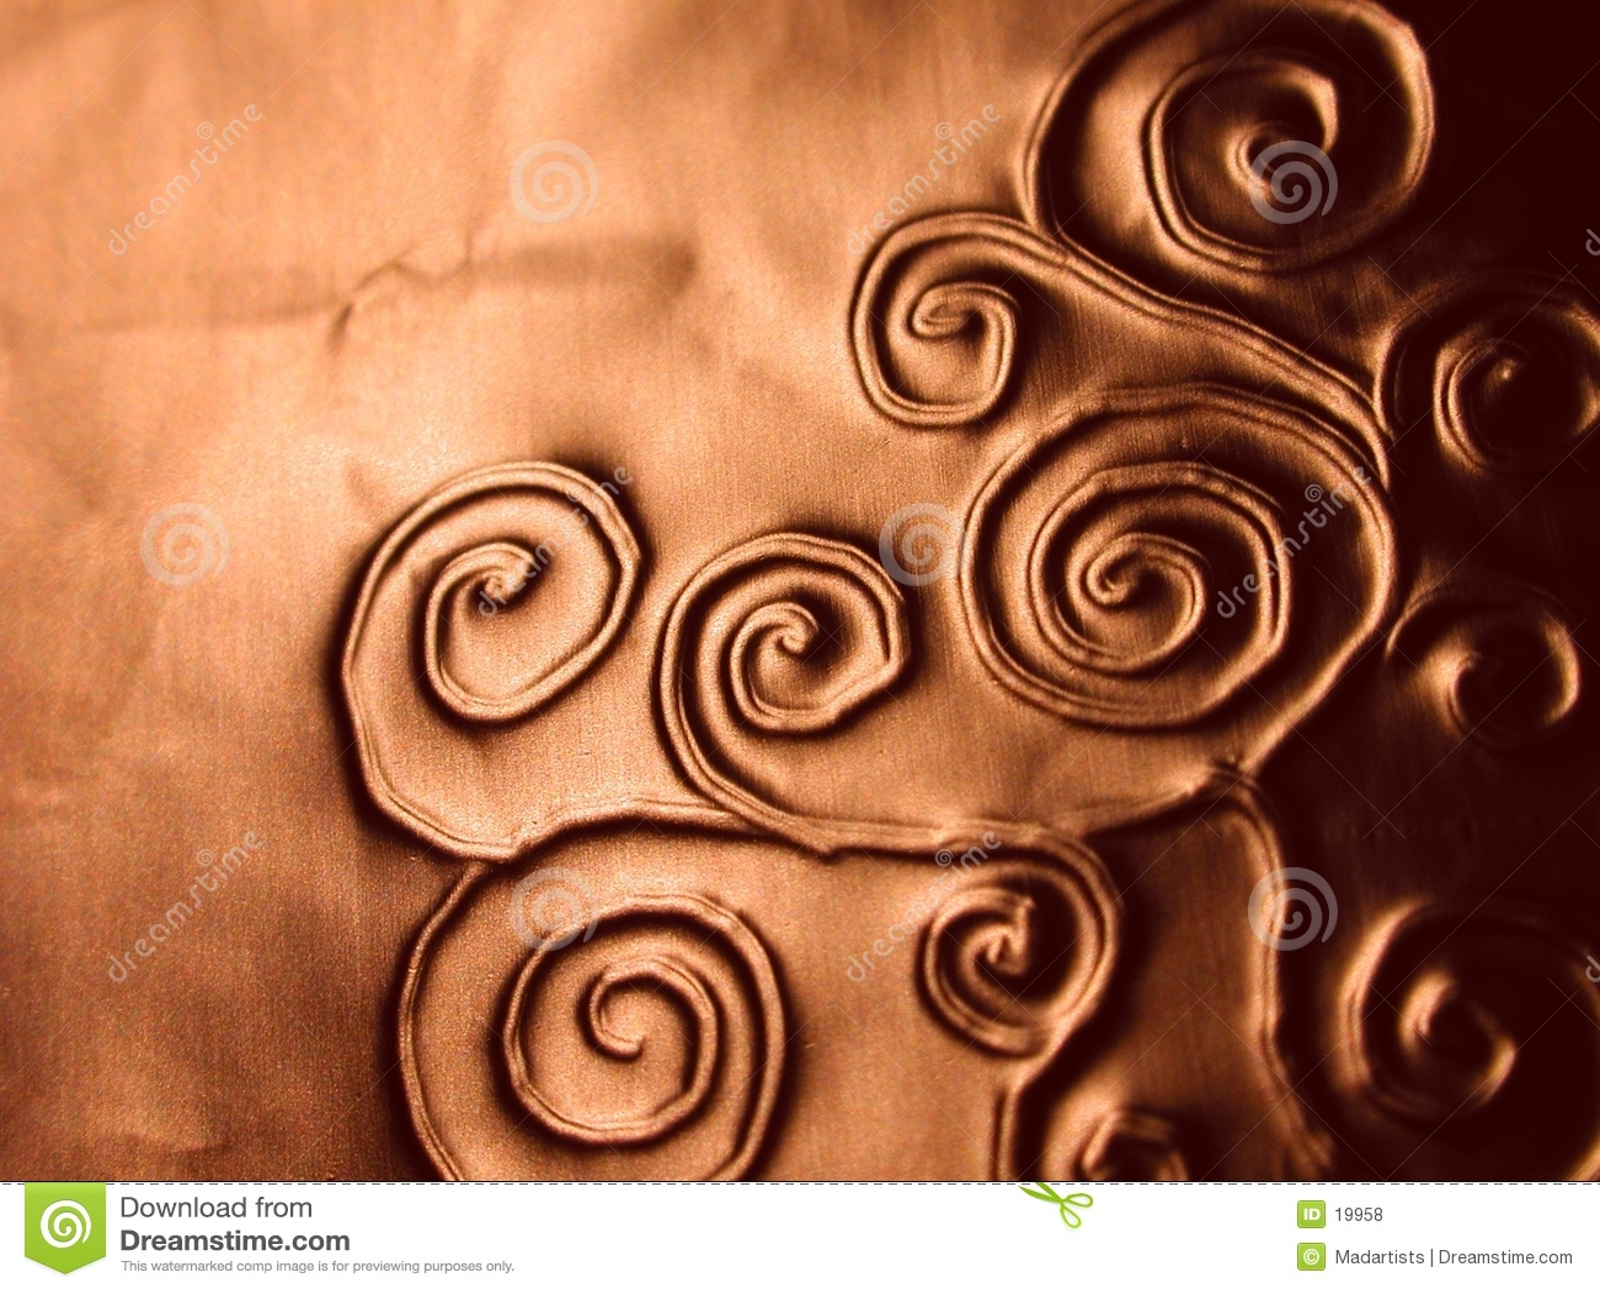 богато украшенный картина закручивает в спираль текстура